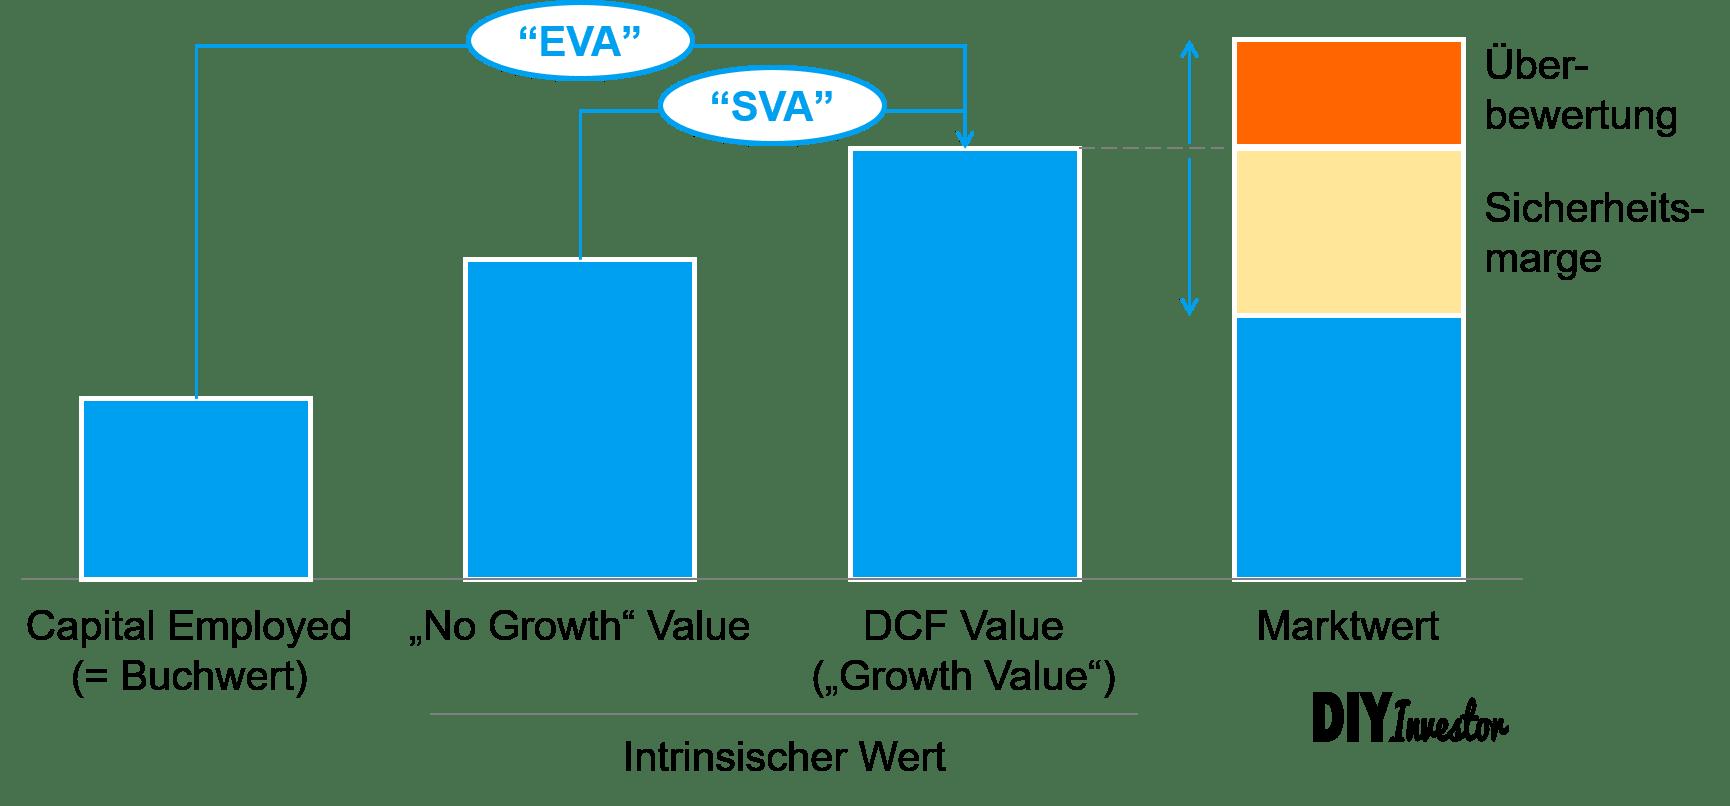 EVA versus SVA - Konzept der Value Creation